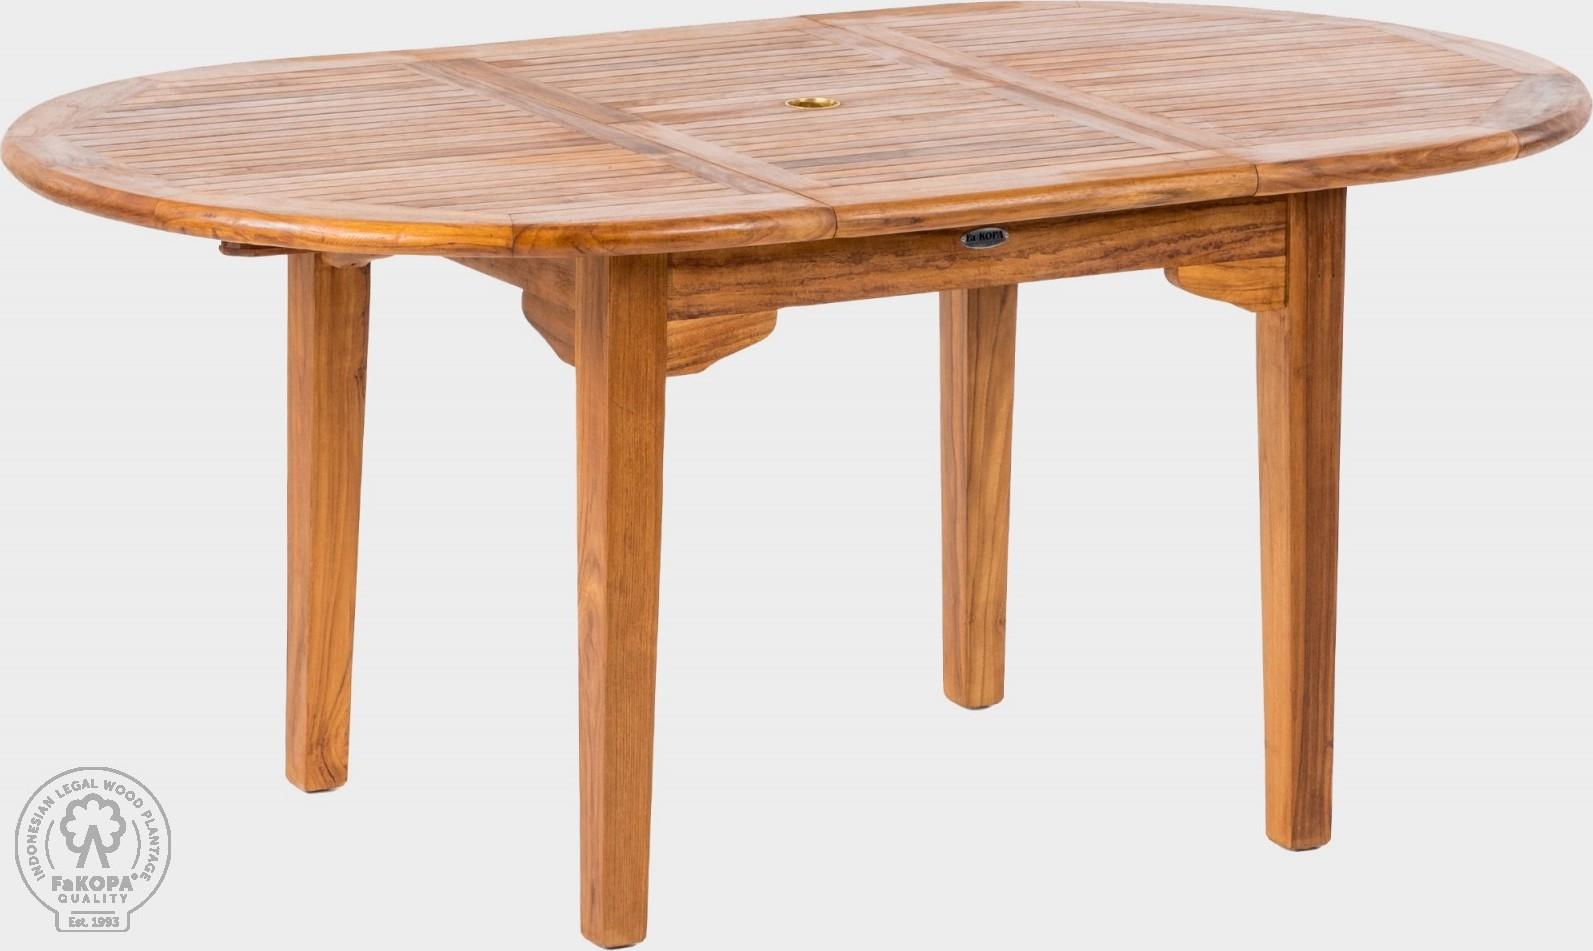 FaKOPA Oválný jídelní stůl z masivu Francesca